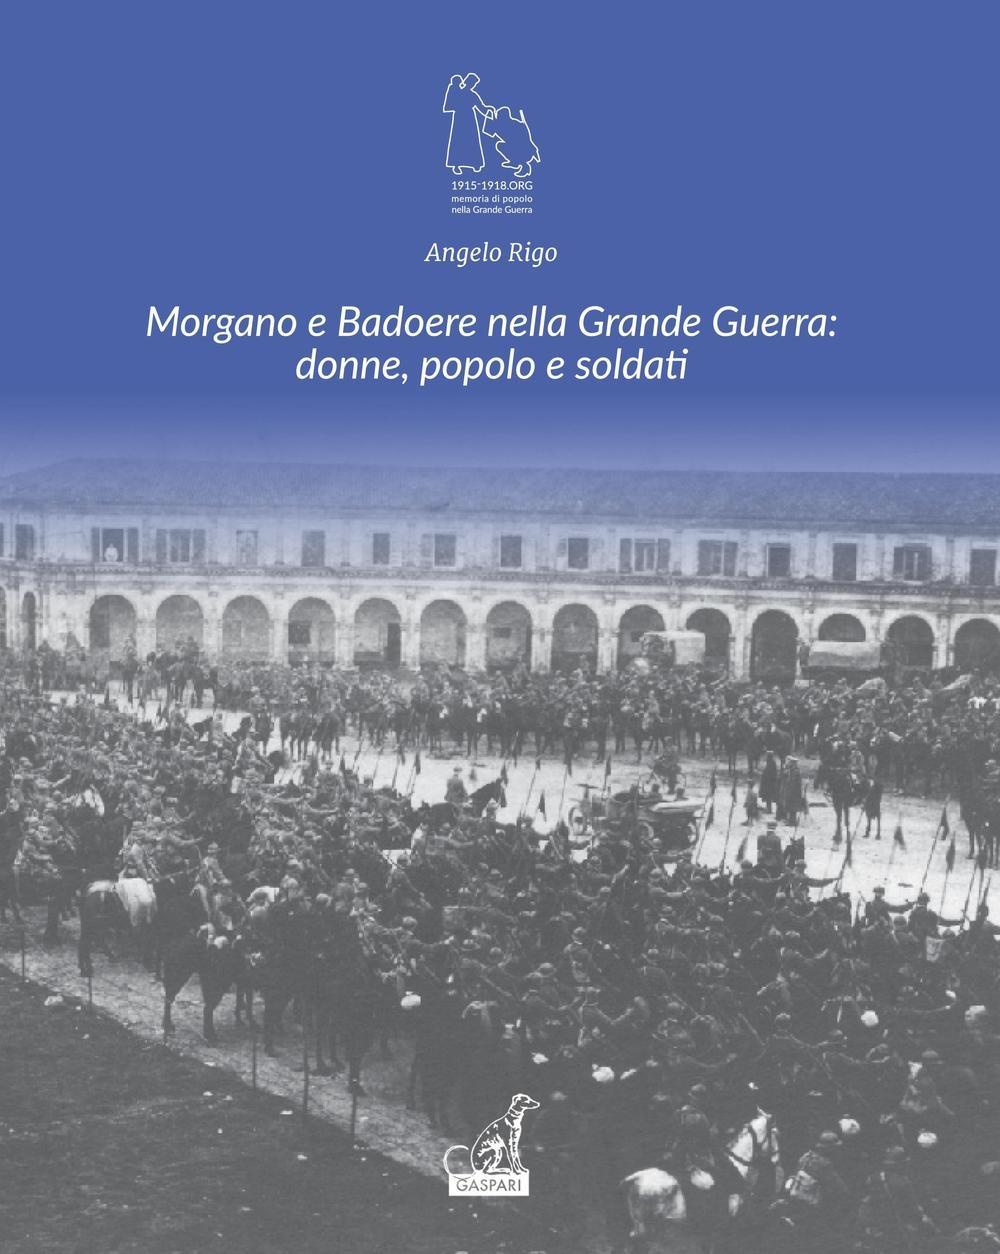 Morgano e Badoere nella Grande Guerra: Donne, Popolo e Soldati.